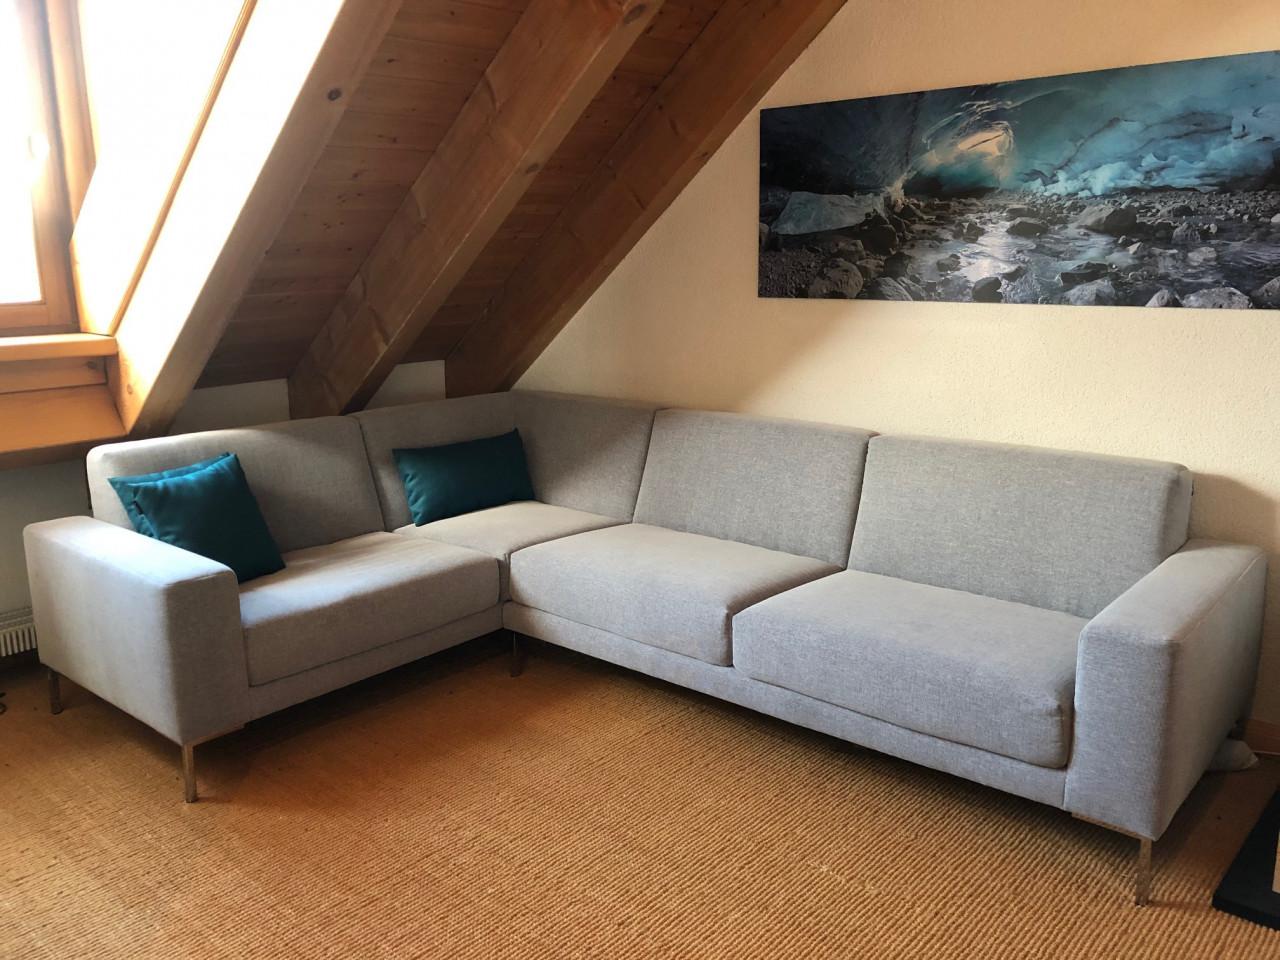 Full Size of Freistil Ausstellungsstück Sofagruppe 183 Designermbel Ihringen Bett Sofa Küche Wohnzimmer Freistil Ausstellungsstück